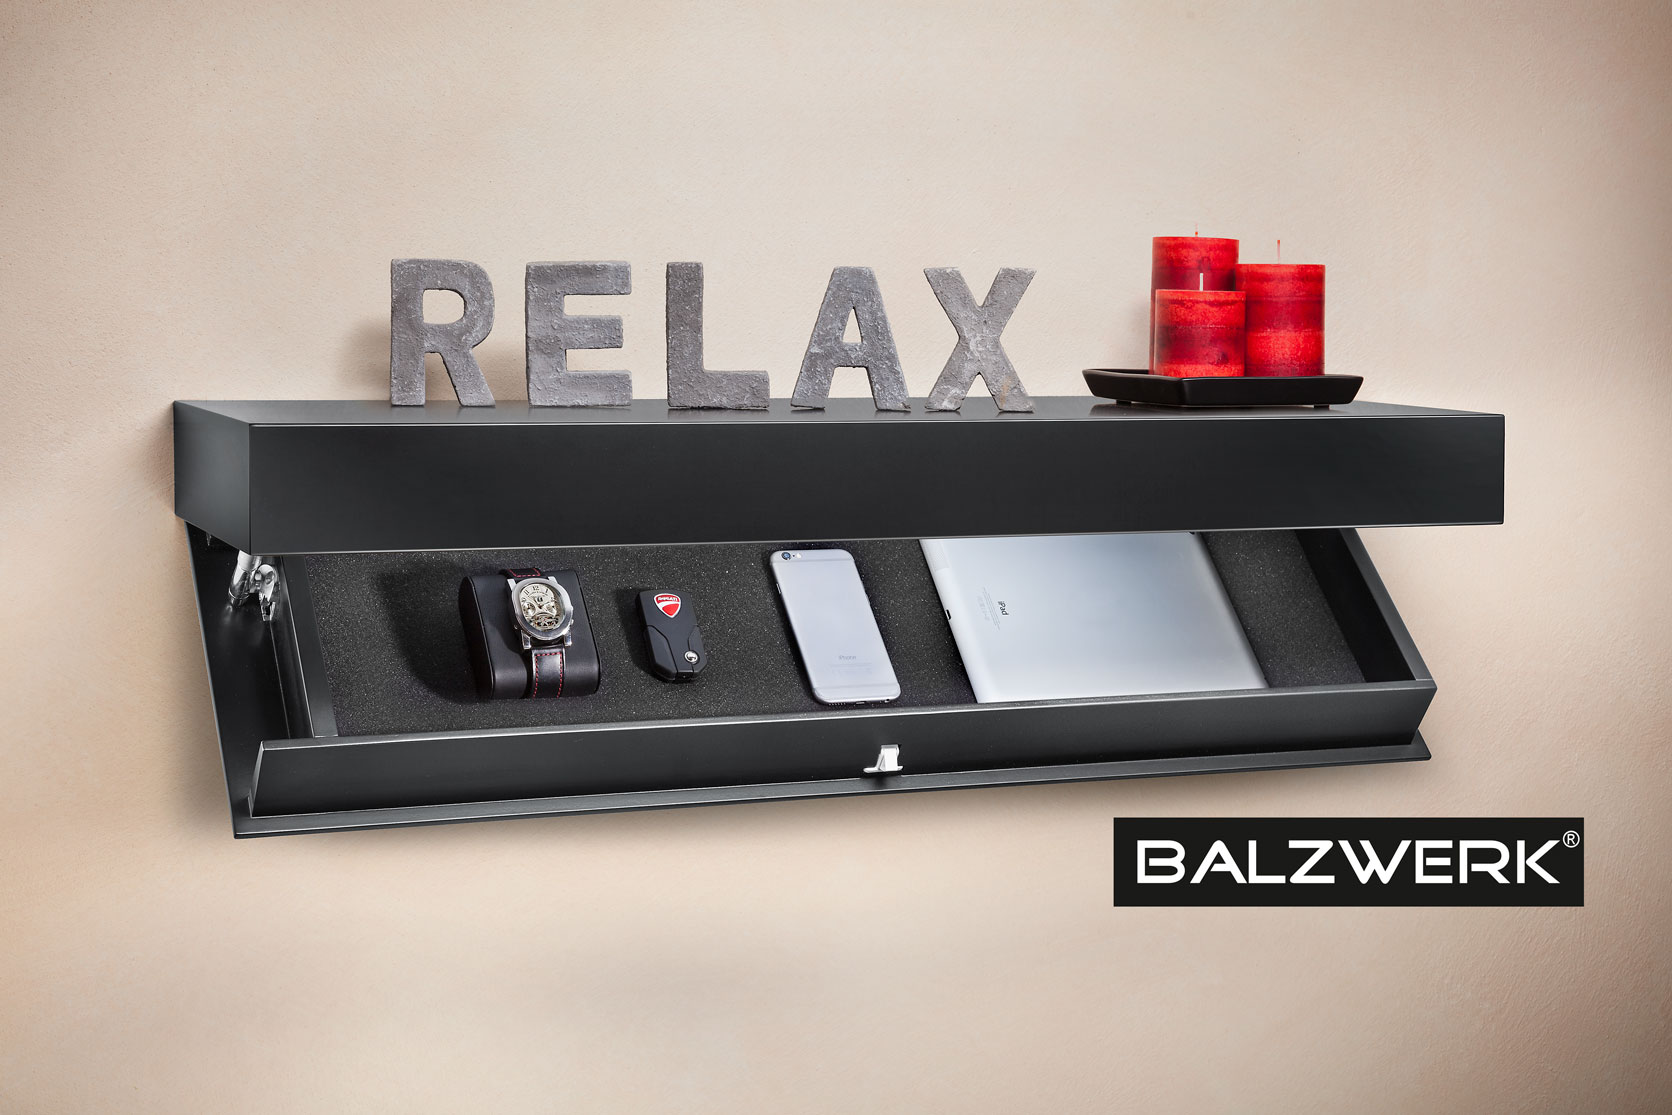 balzwerk store hochwertige m bel mit geheimfach made in germany. Black Bedroom Furniture Sets. Home Design Ideas